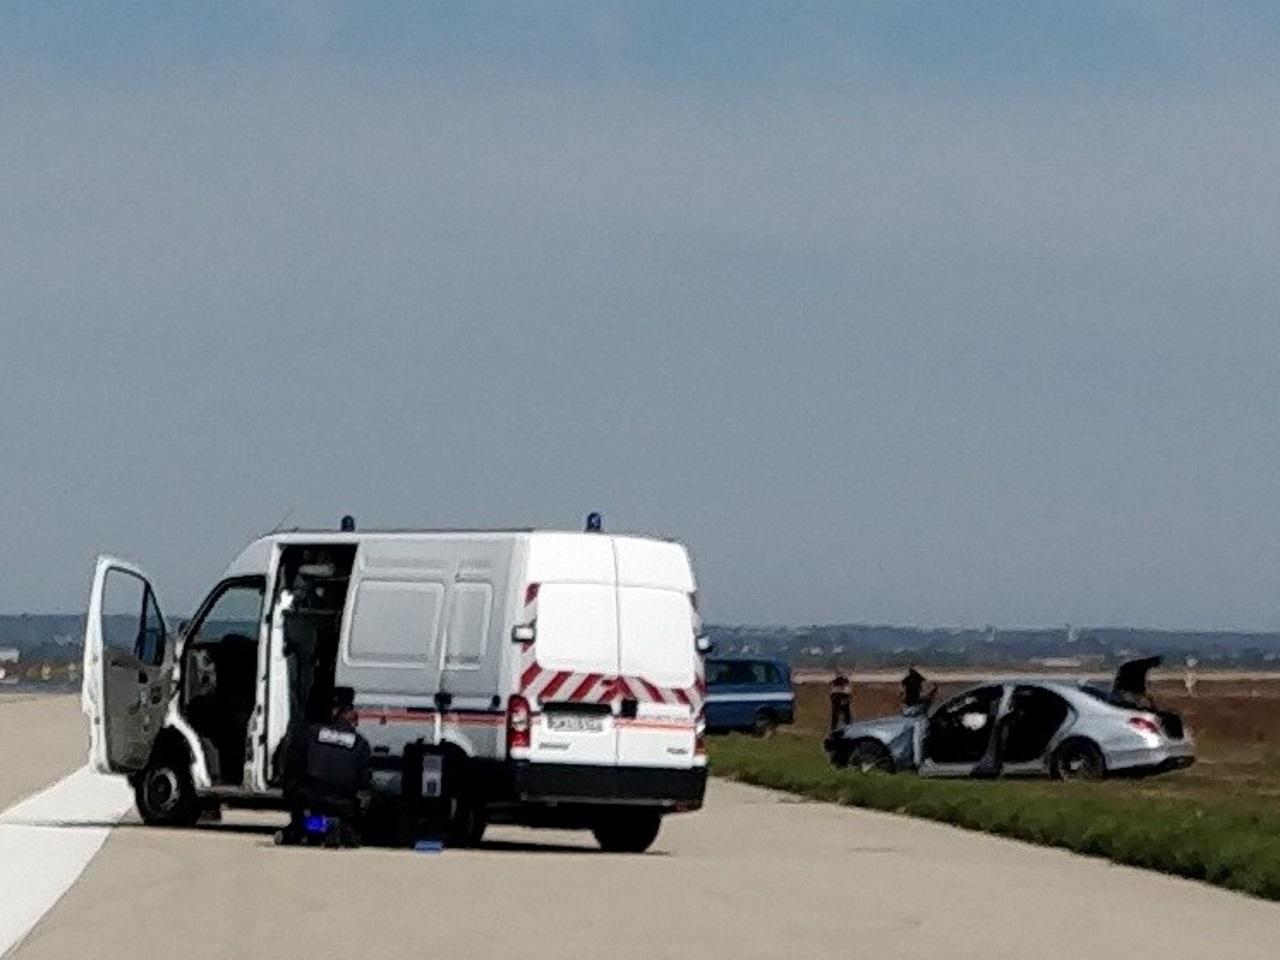 Le véhicule a été stoppé après avoir eu un accident - Exclusif LyonMag